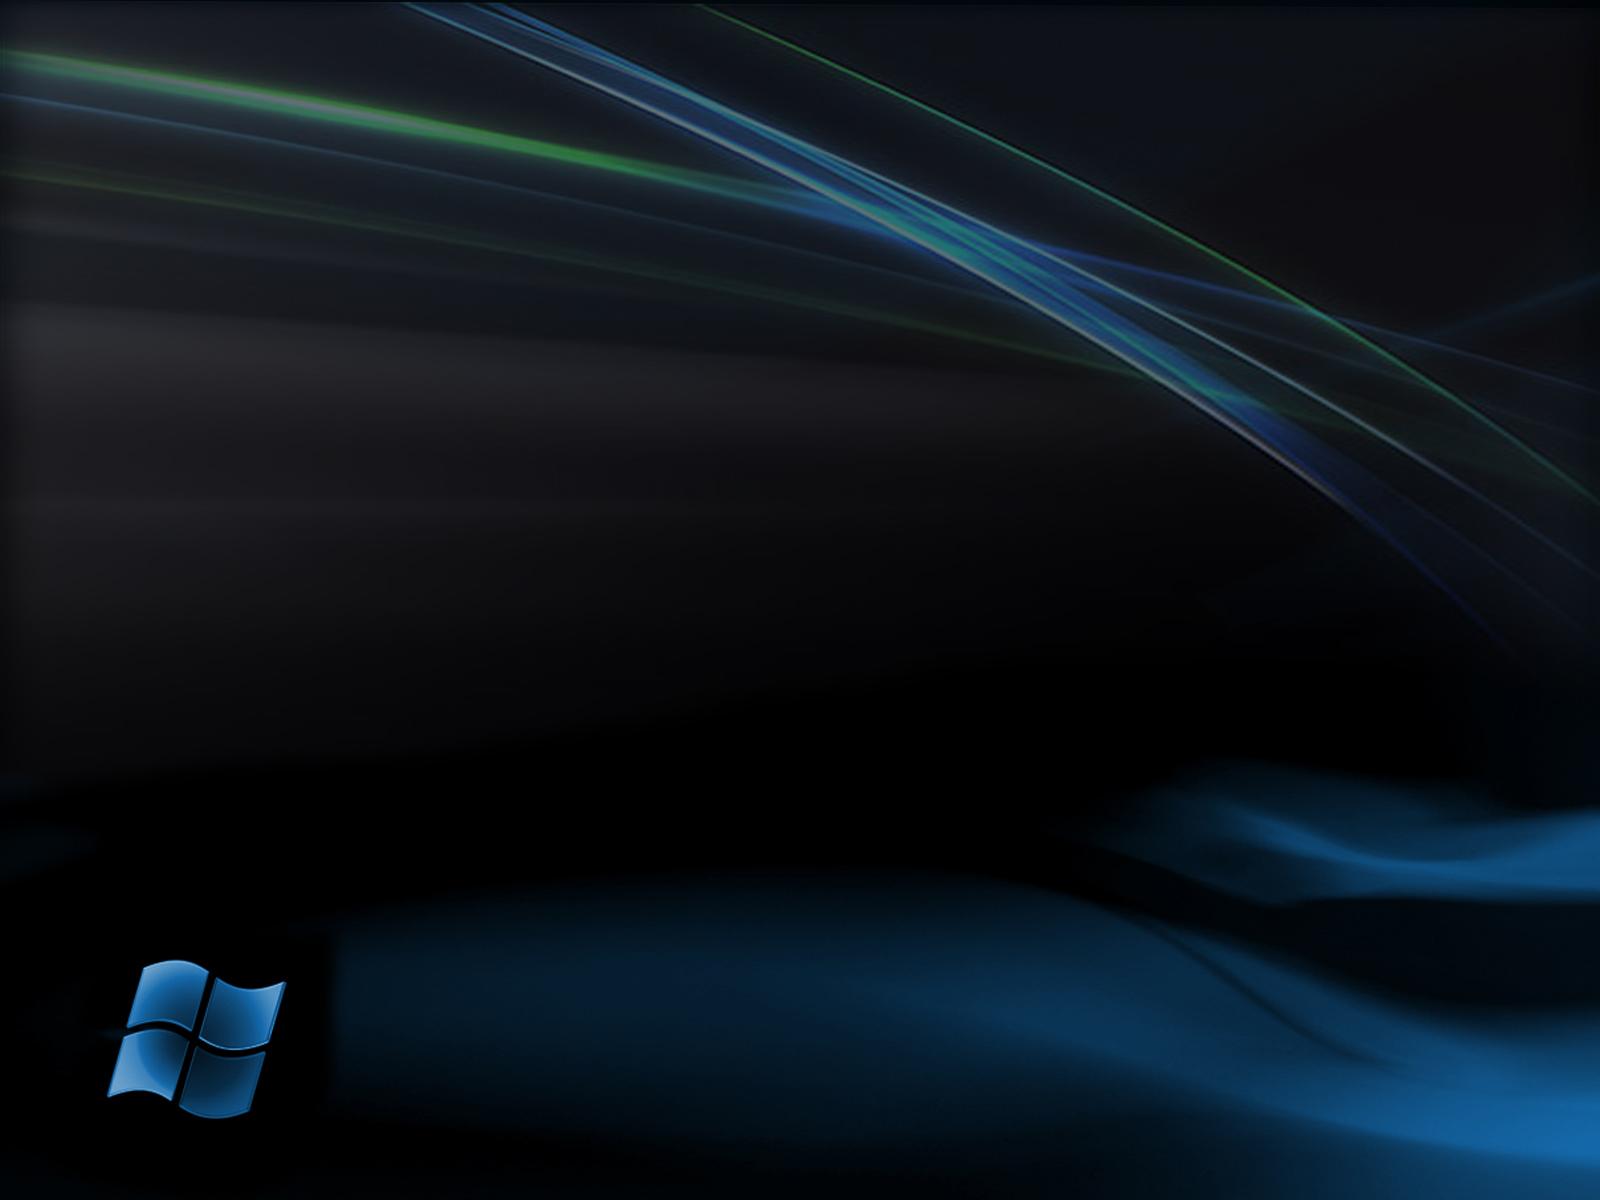 http://3.bp.blogspot.com/-M6uoN-gerO0/ThXEXq8RAXI/AAAAAAAAHKA/cCOjbB5ur18/s1600/desktop%2Bwallpaper%2Bwindows-3.jpg